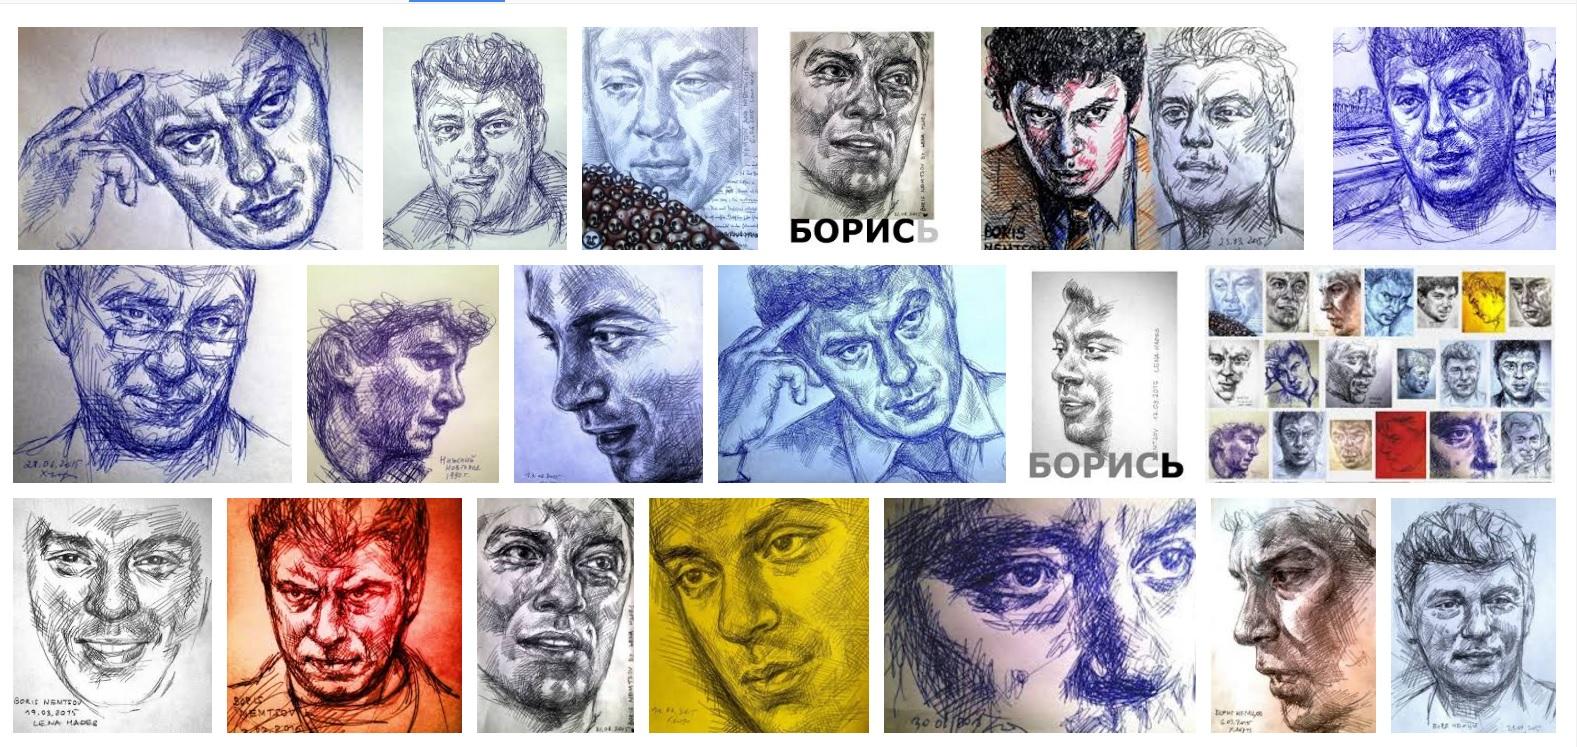 Немцов, Арт марафон памяти Немцова